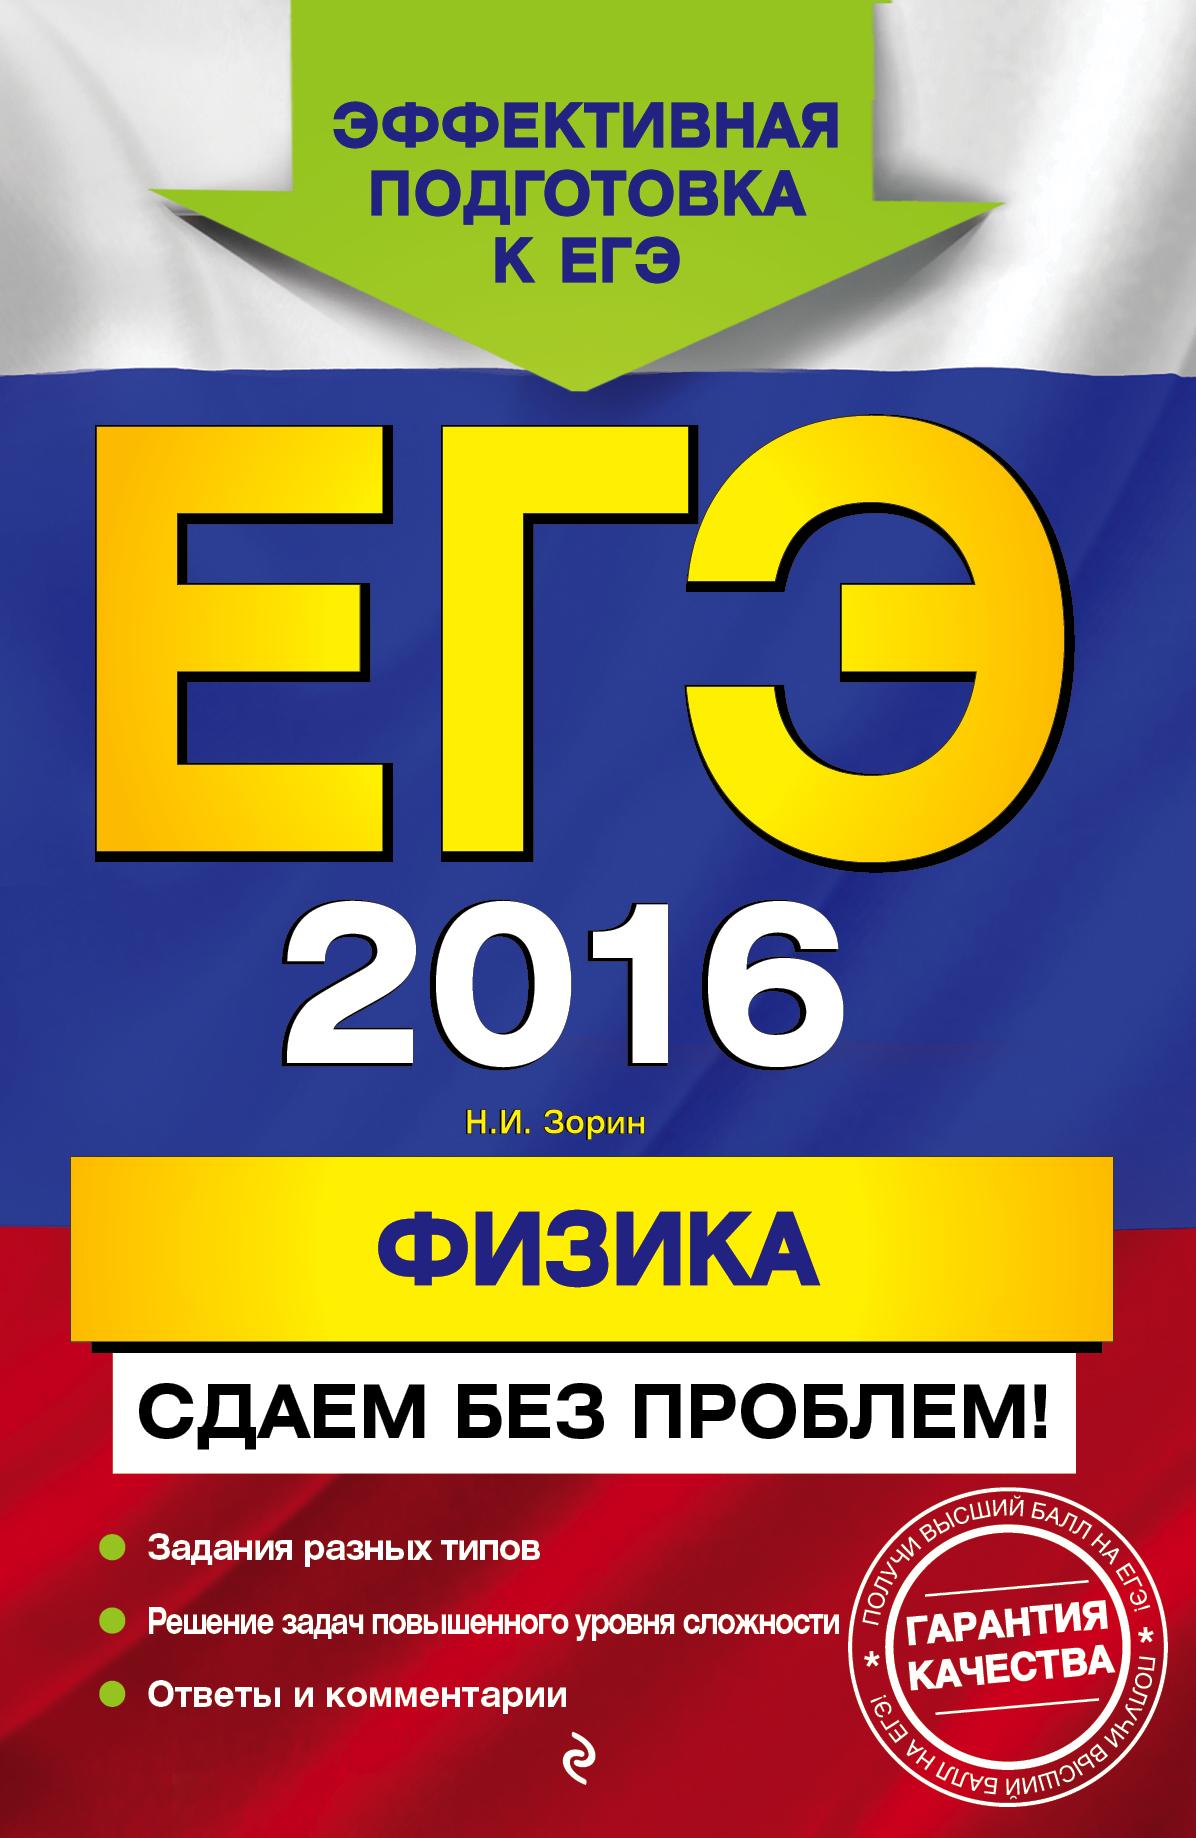 ЕГЭ-2016. Физика. Сдаем без проблем! от book24.ru